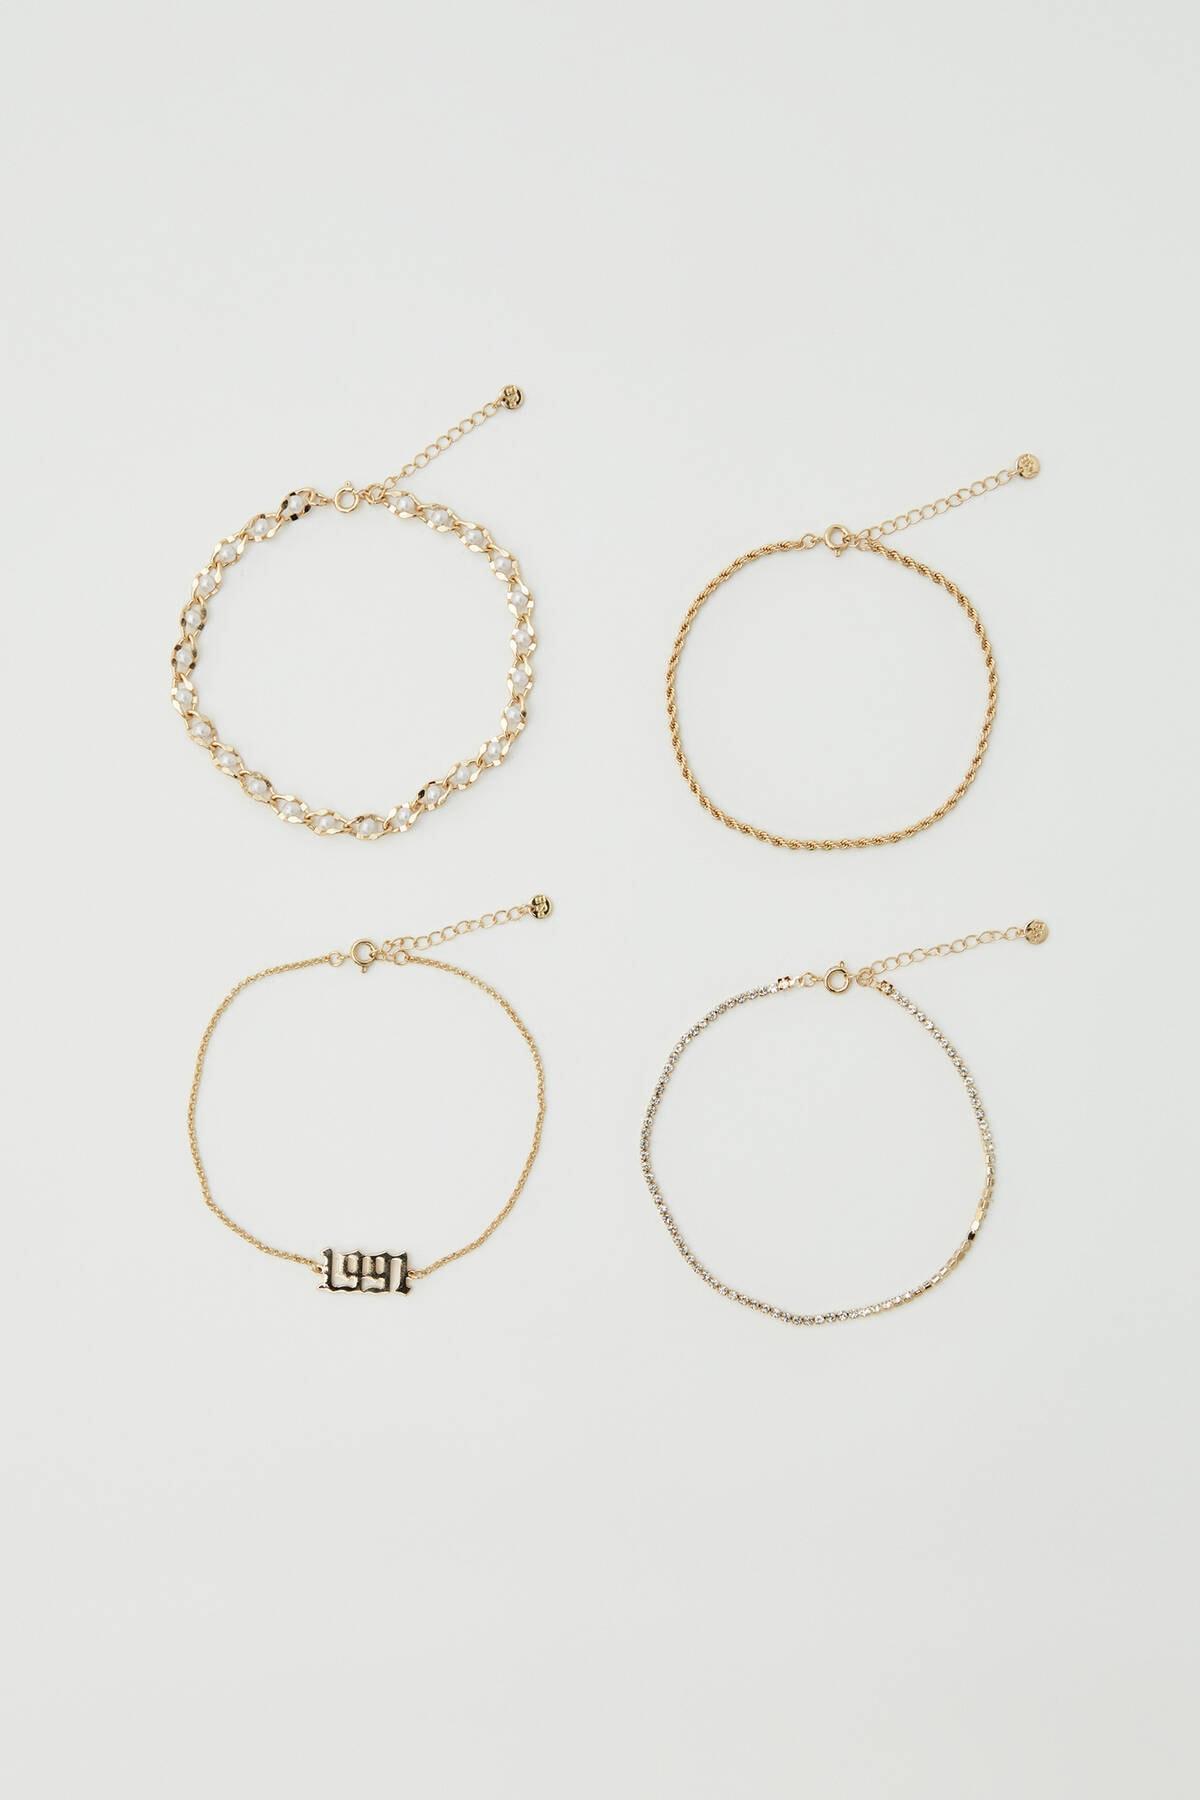 Pull & Bear Kadın Altın Rengi Yıl Detaylı Altın Rengi Halhal Seti 09996381 1